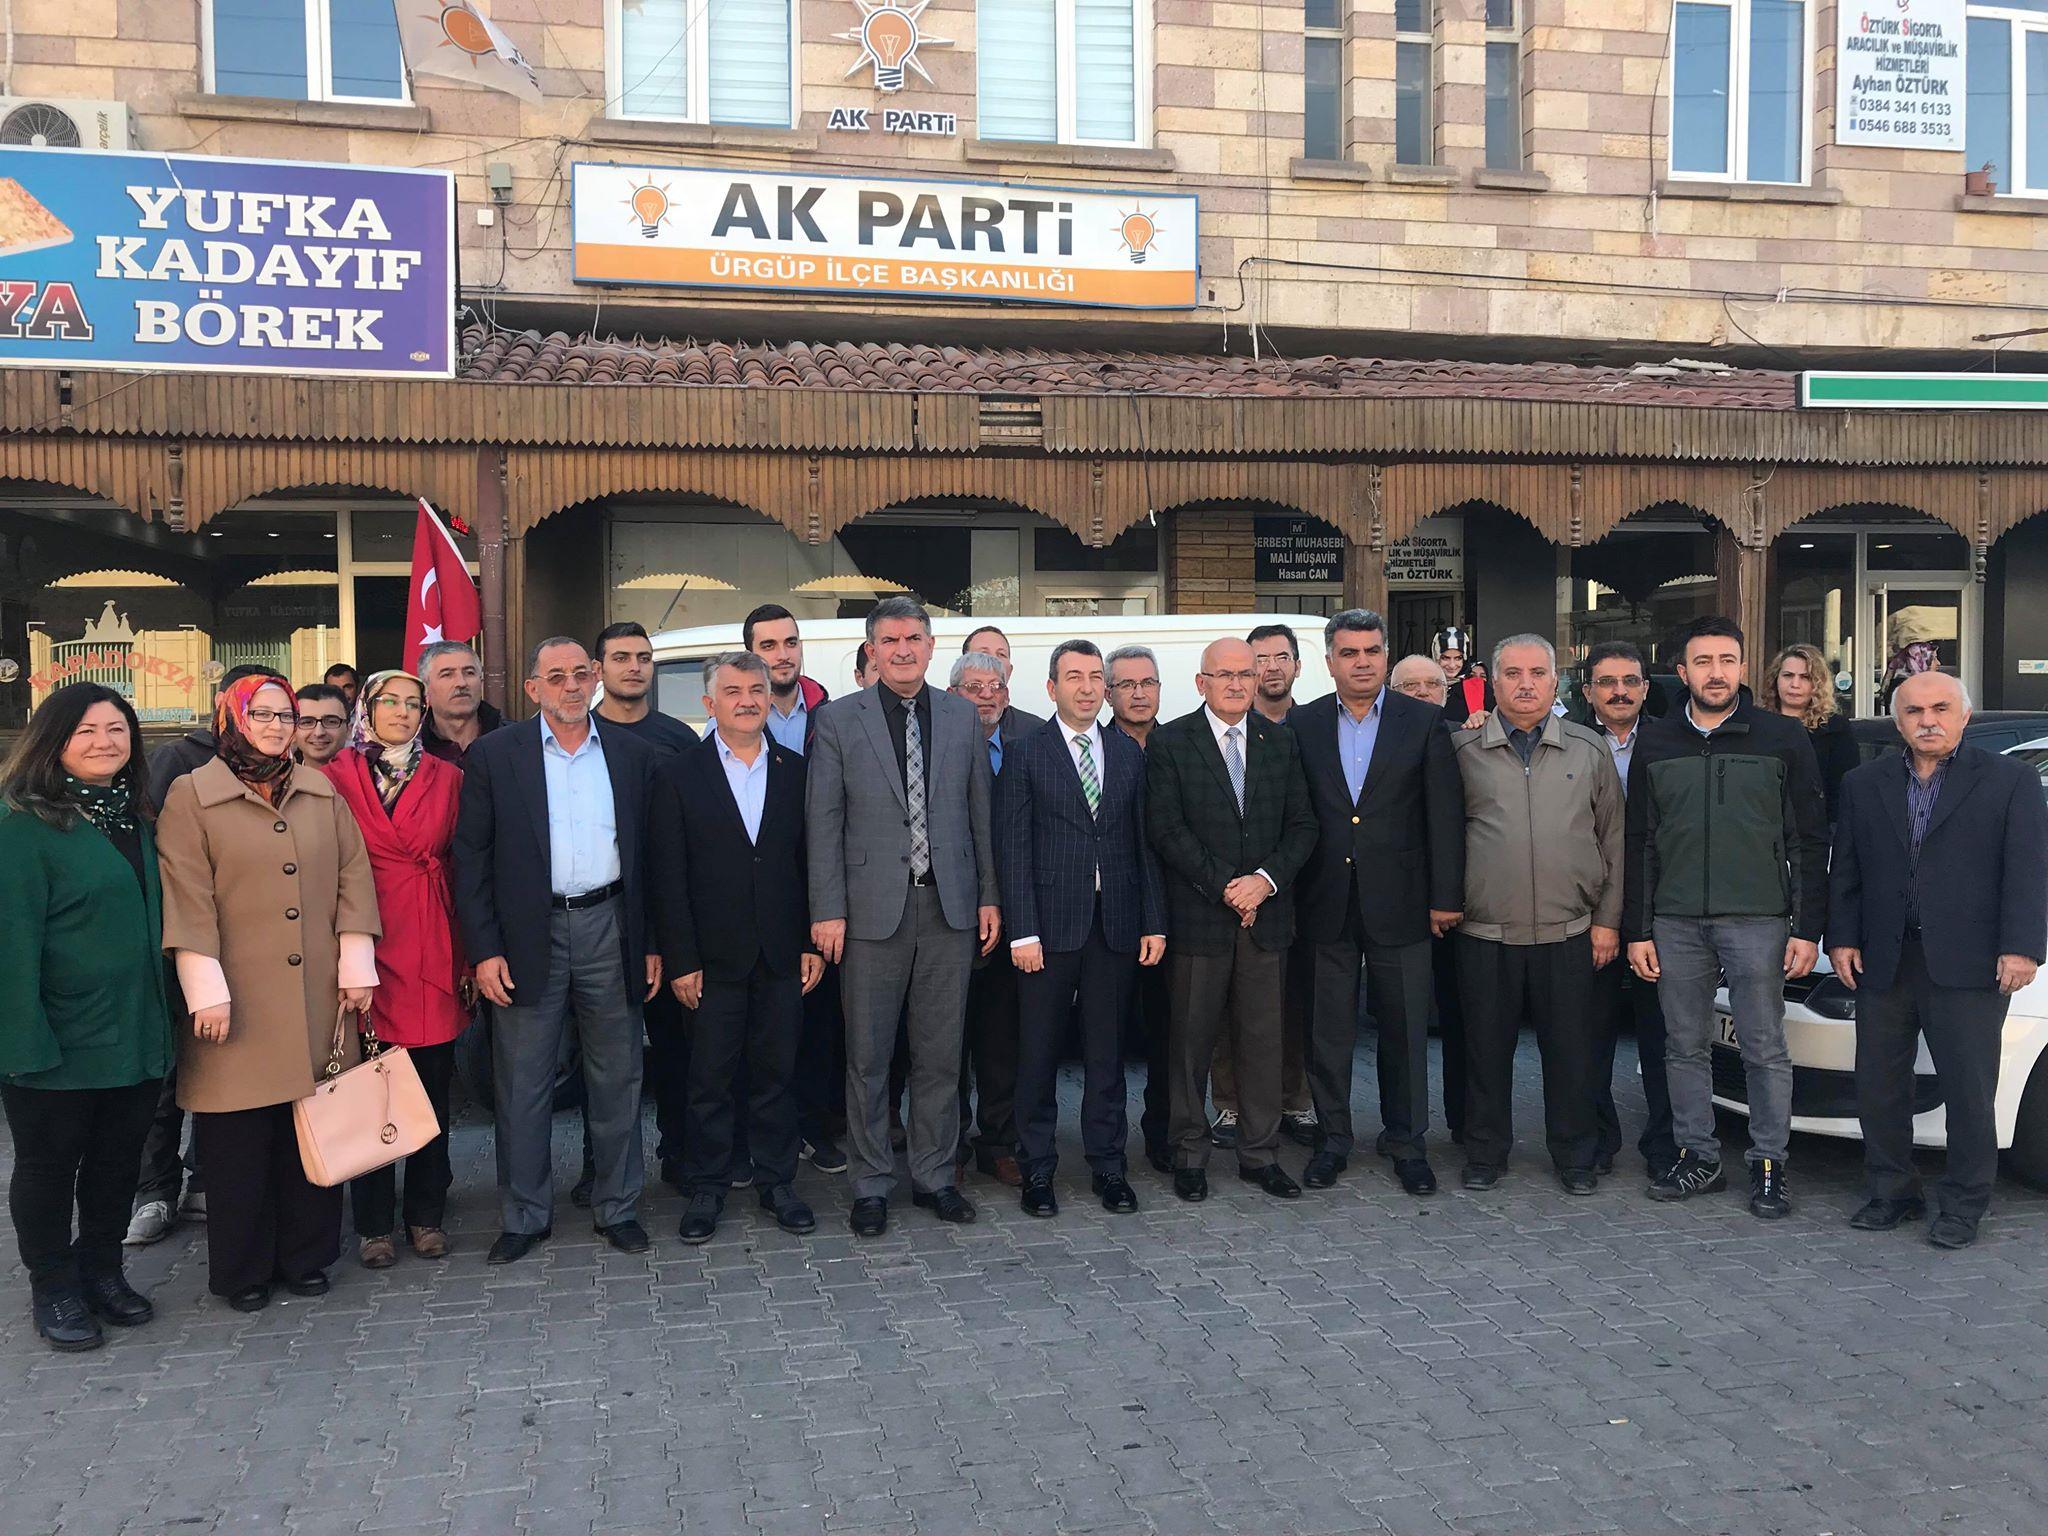 Ak Parti Genel Merkez Bölge Sorumlusu Ürgüp'te Toplantı yaptı